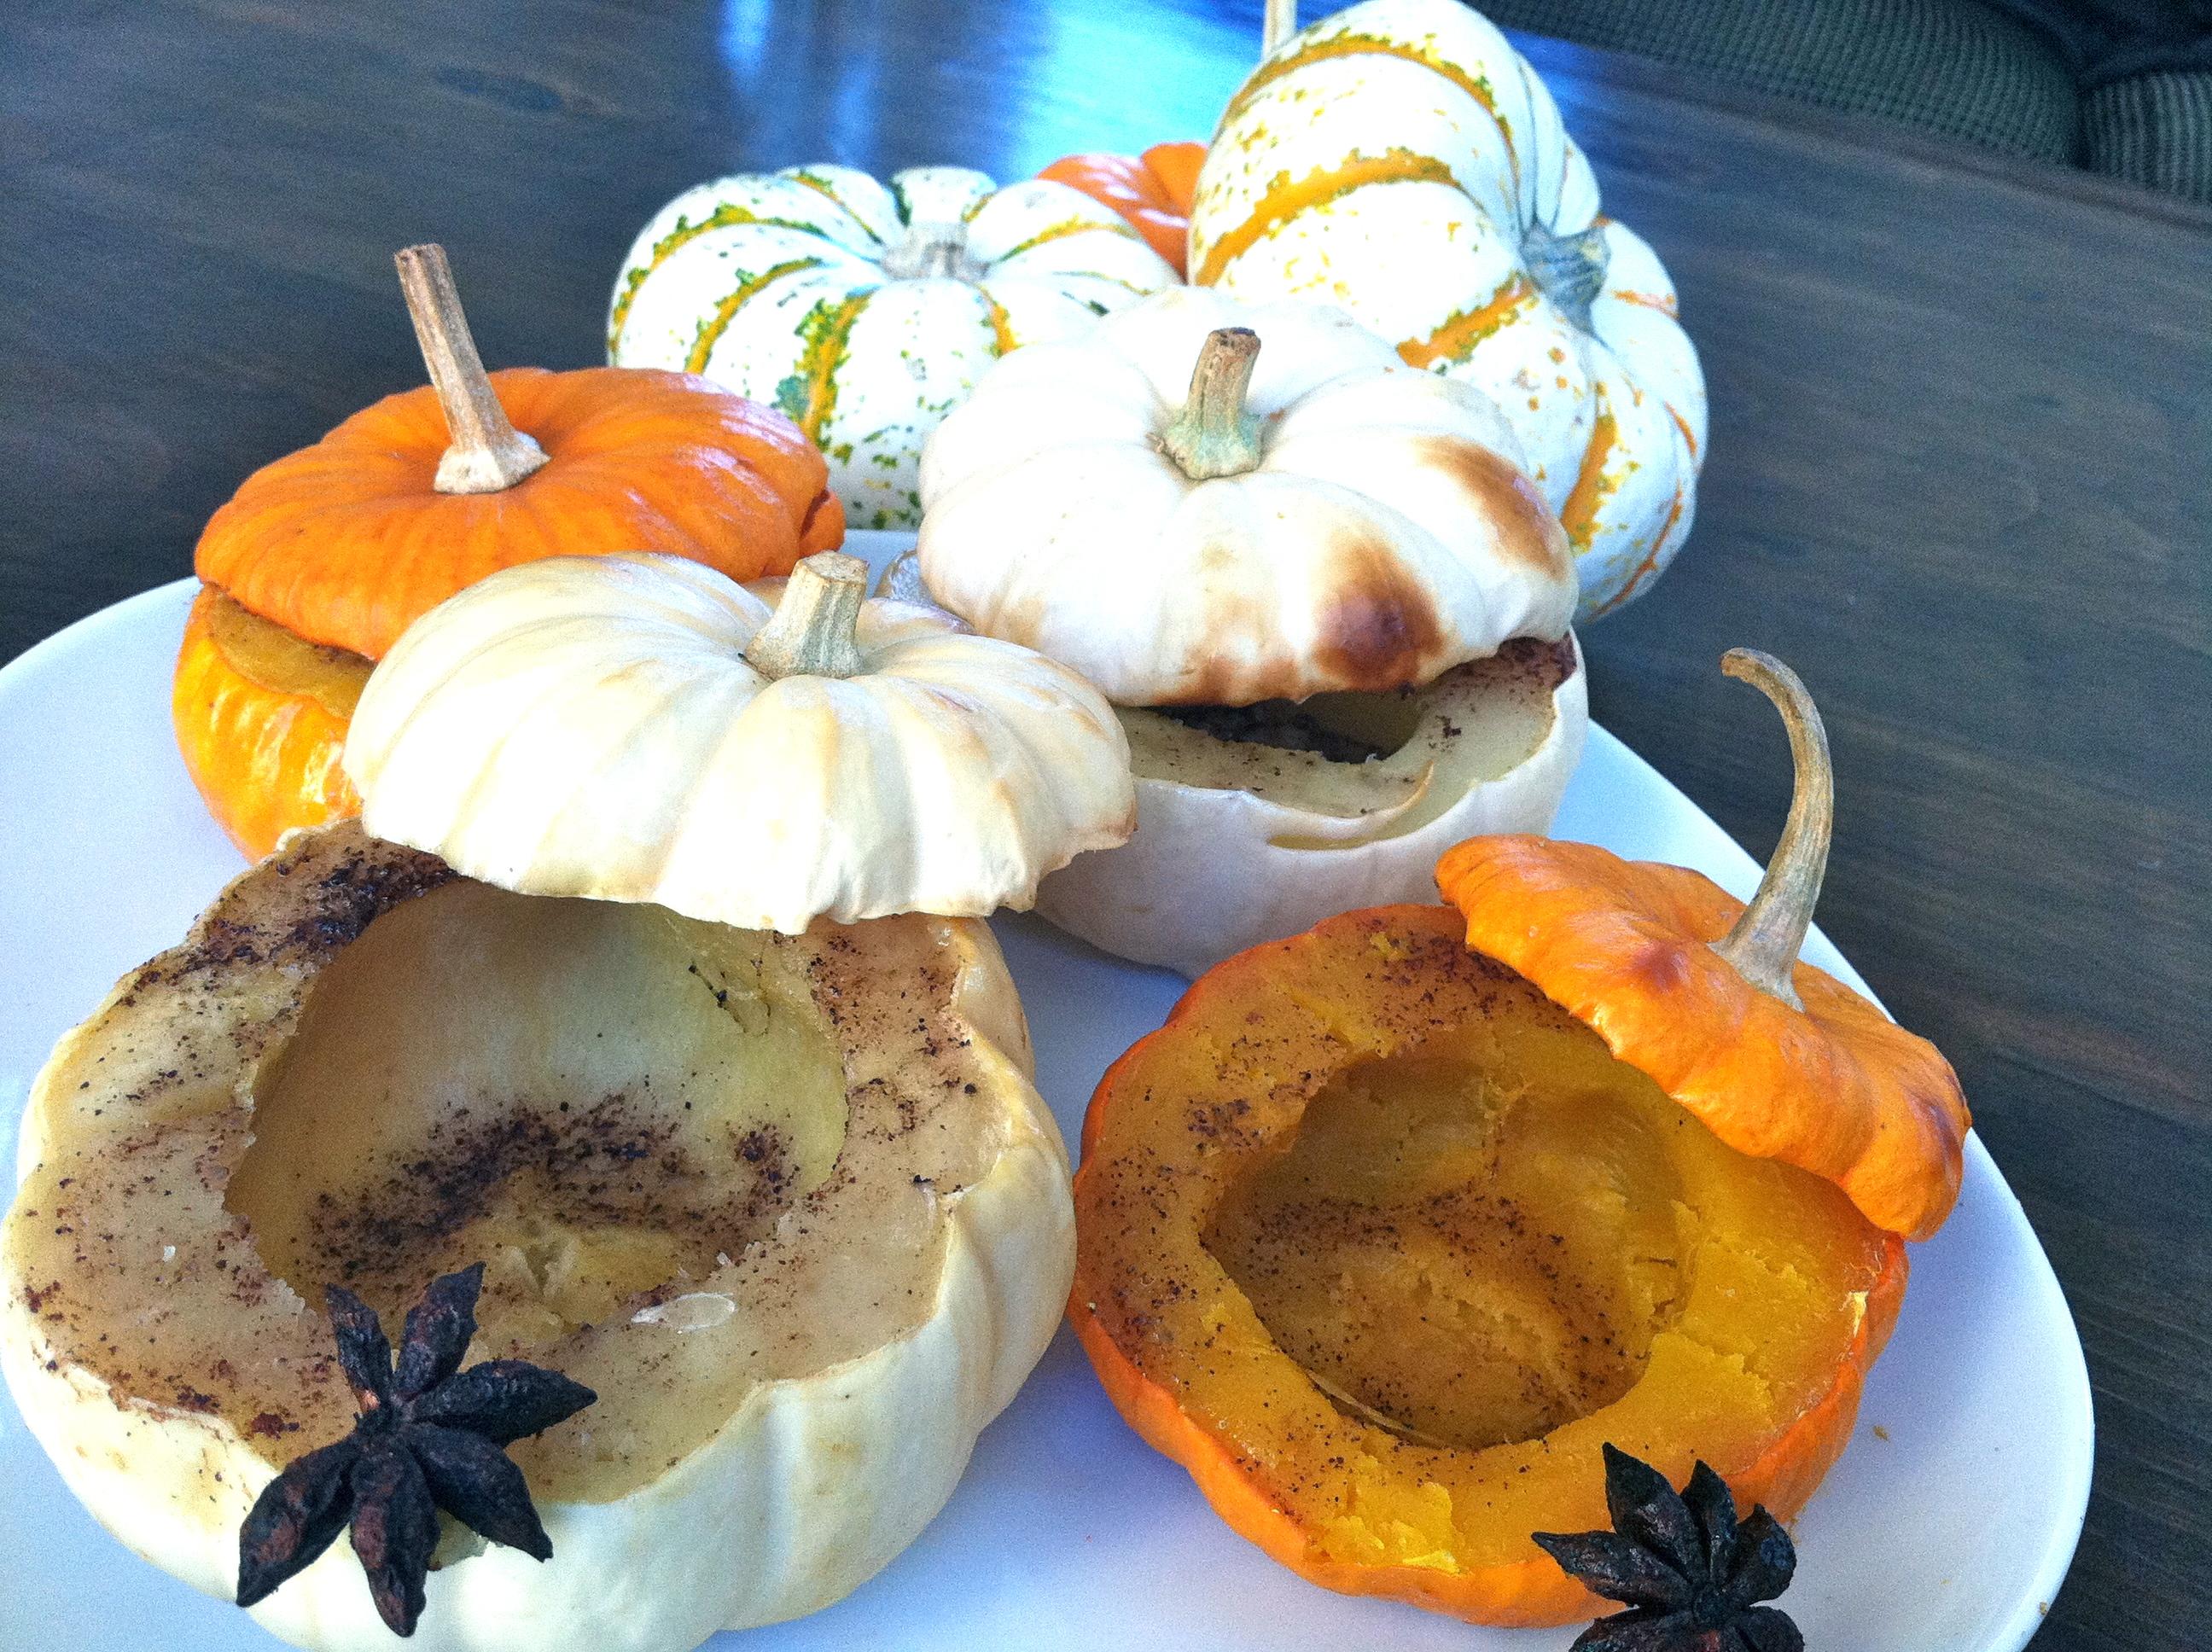 images Roasted Mini-Pumpkins